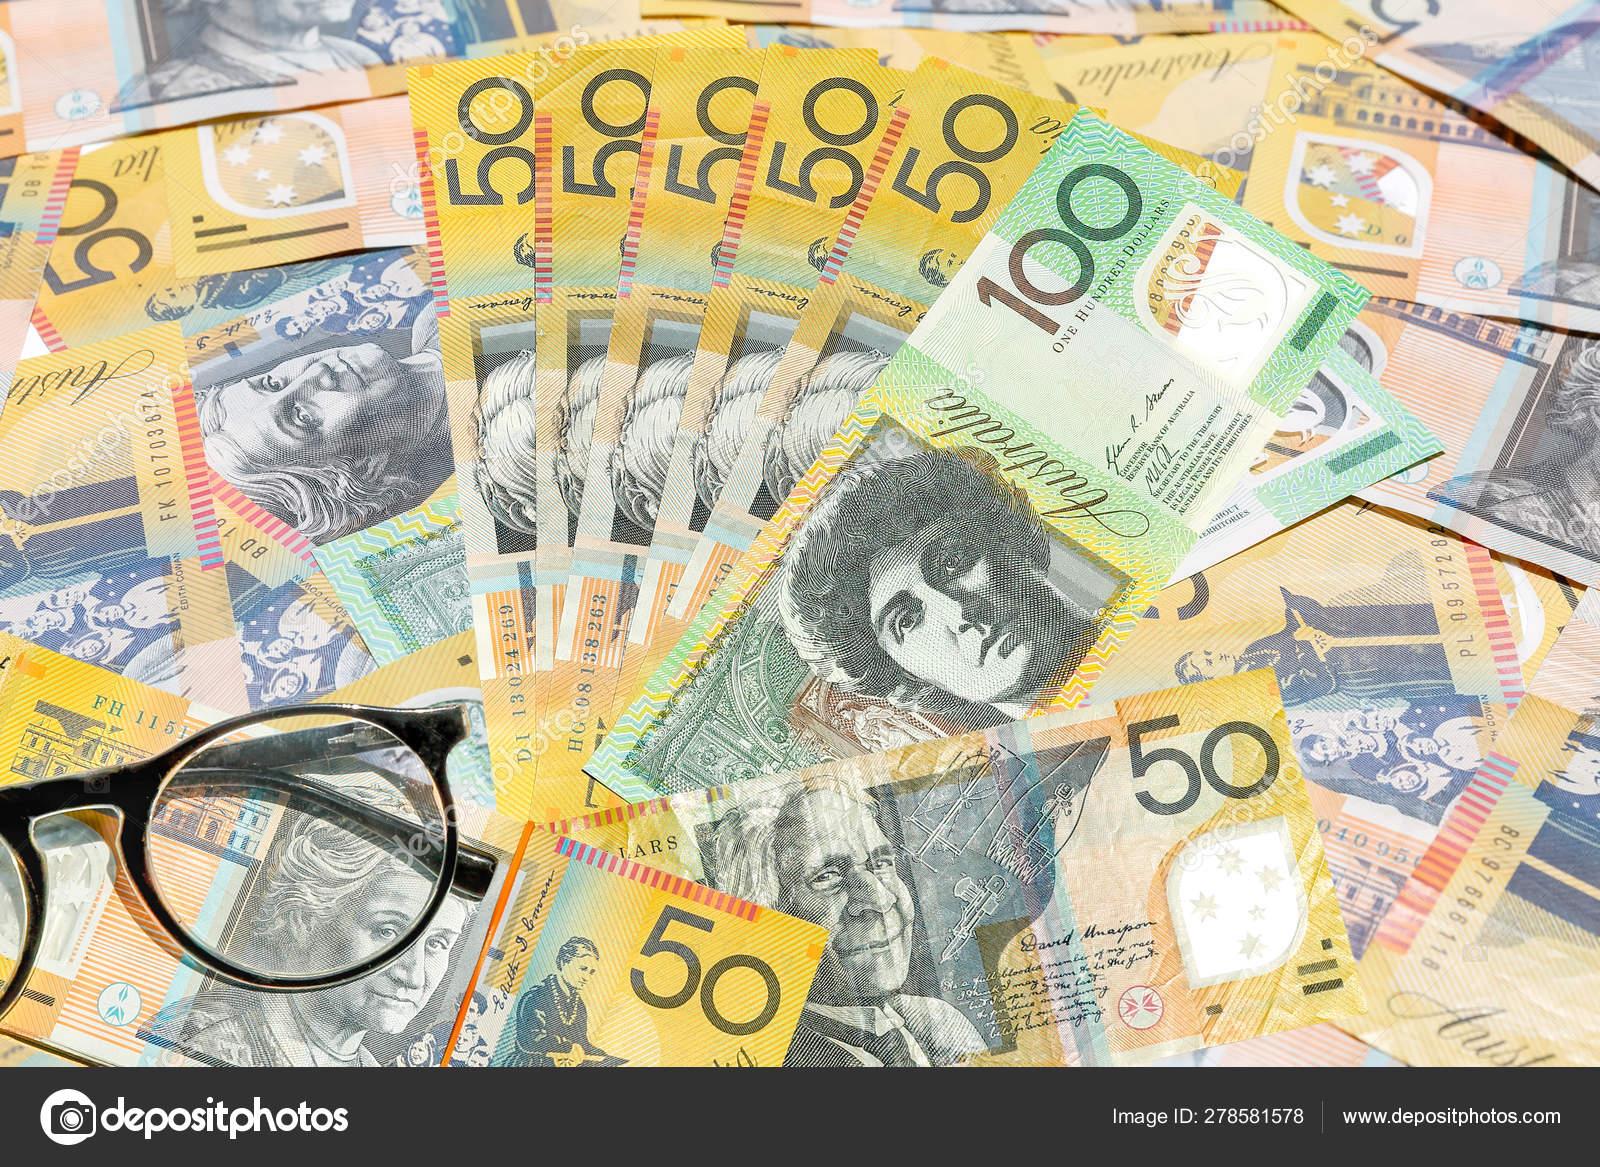 50 australische dollar